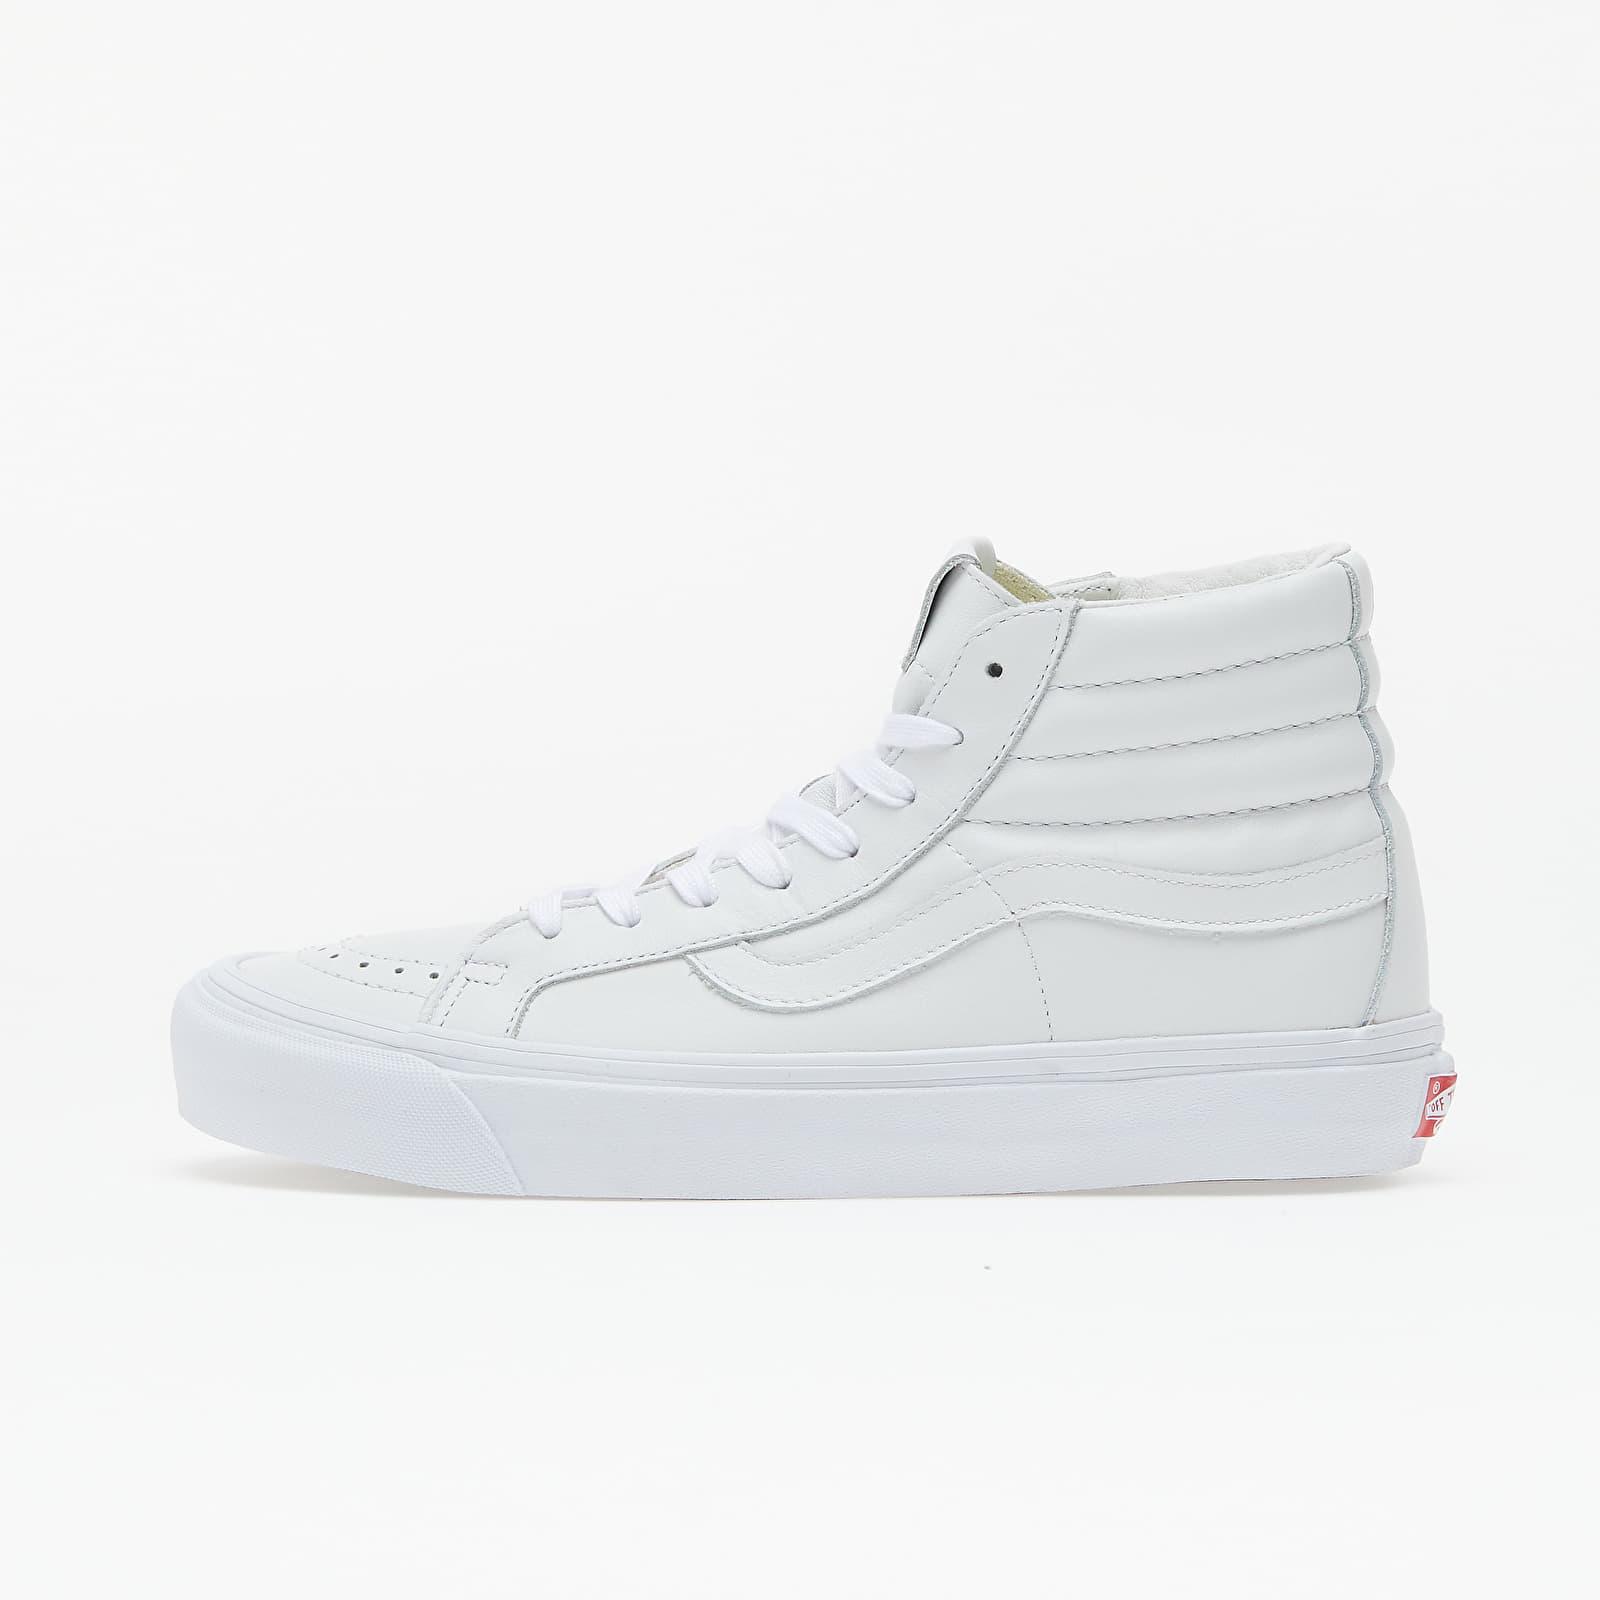 Încălțăminte și sneakerși pentru bărbați Vans OG Sk8-Hi LX Vault White